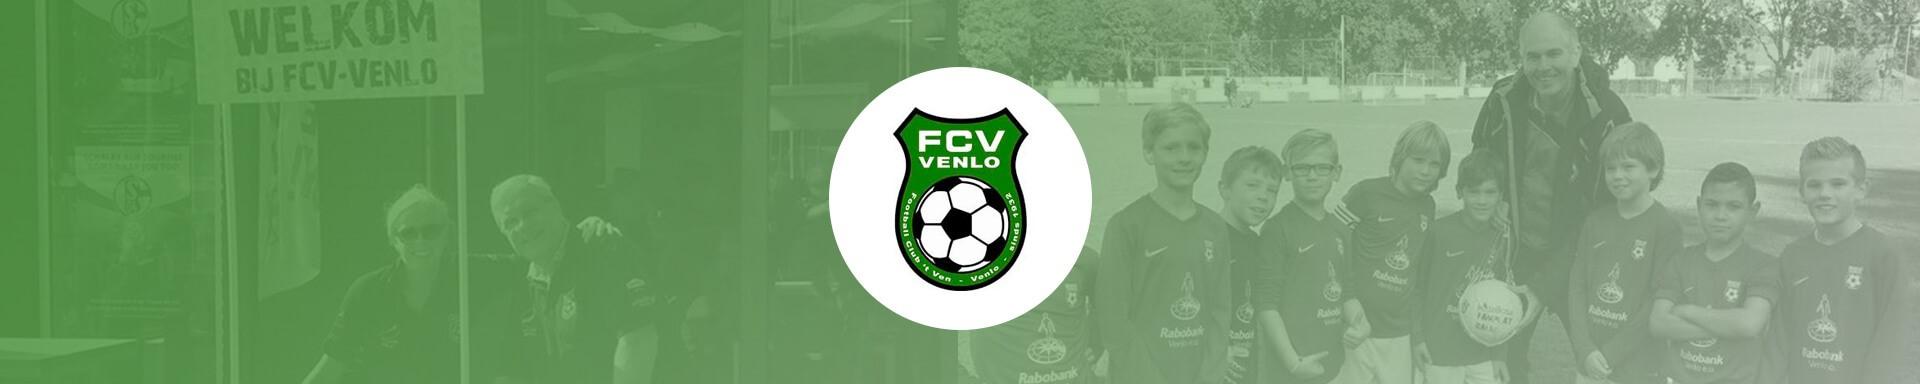 FCV Venlo